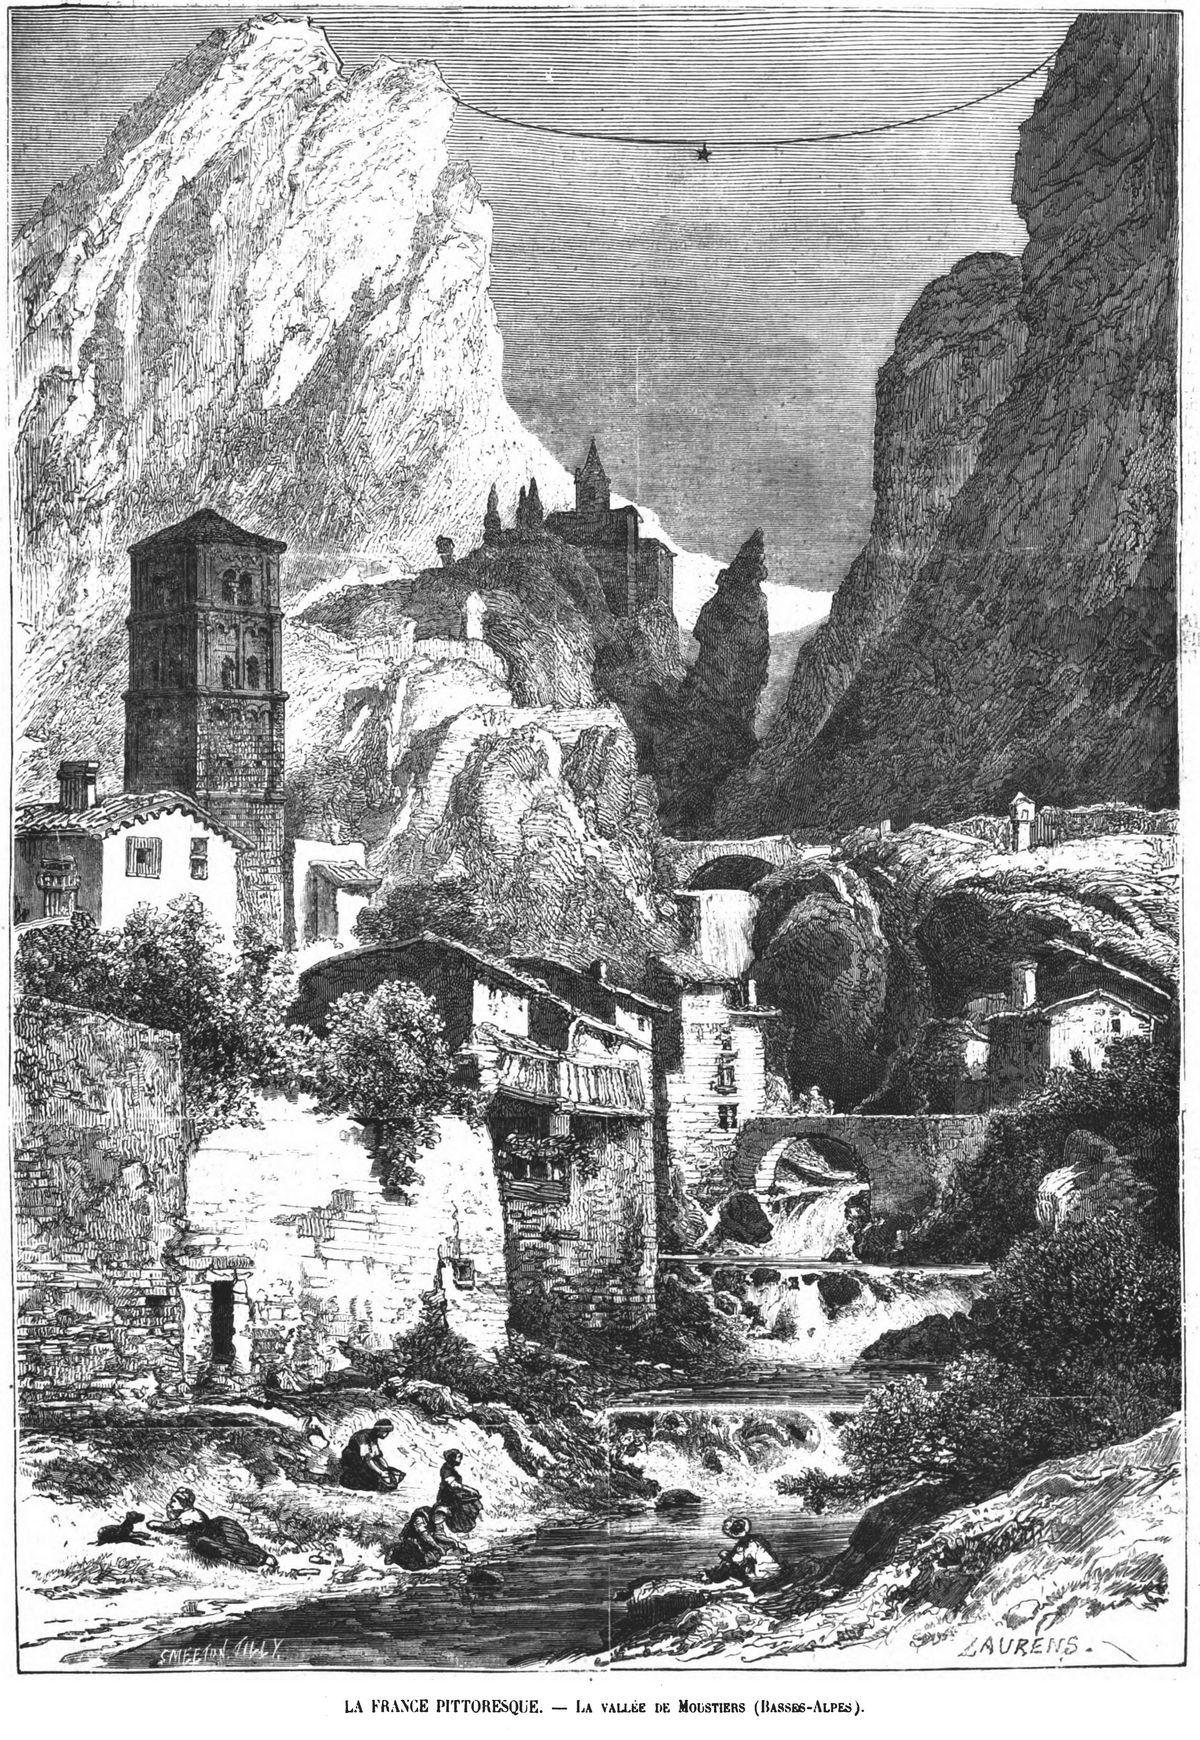 La France pittoresque : la vallée de Moustiers (Basses-Alpes).